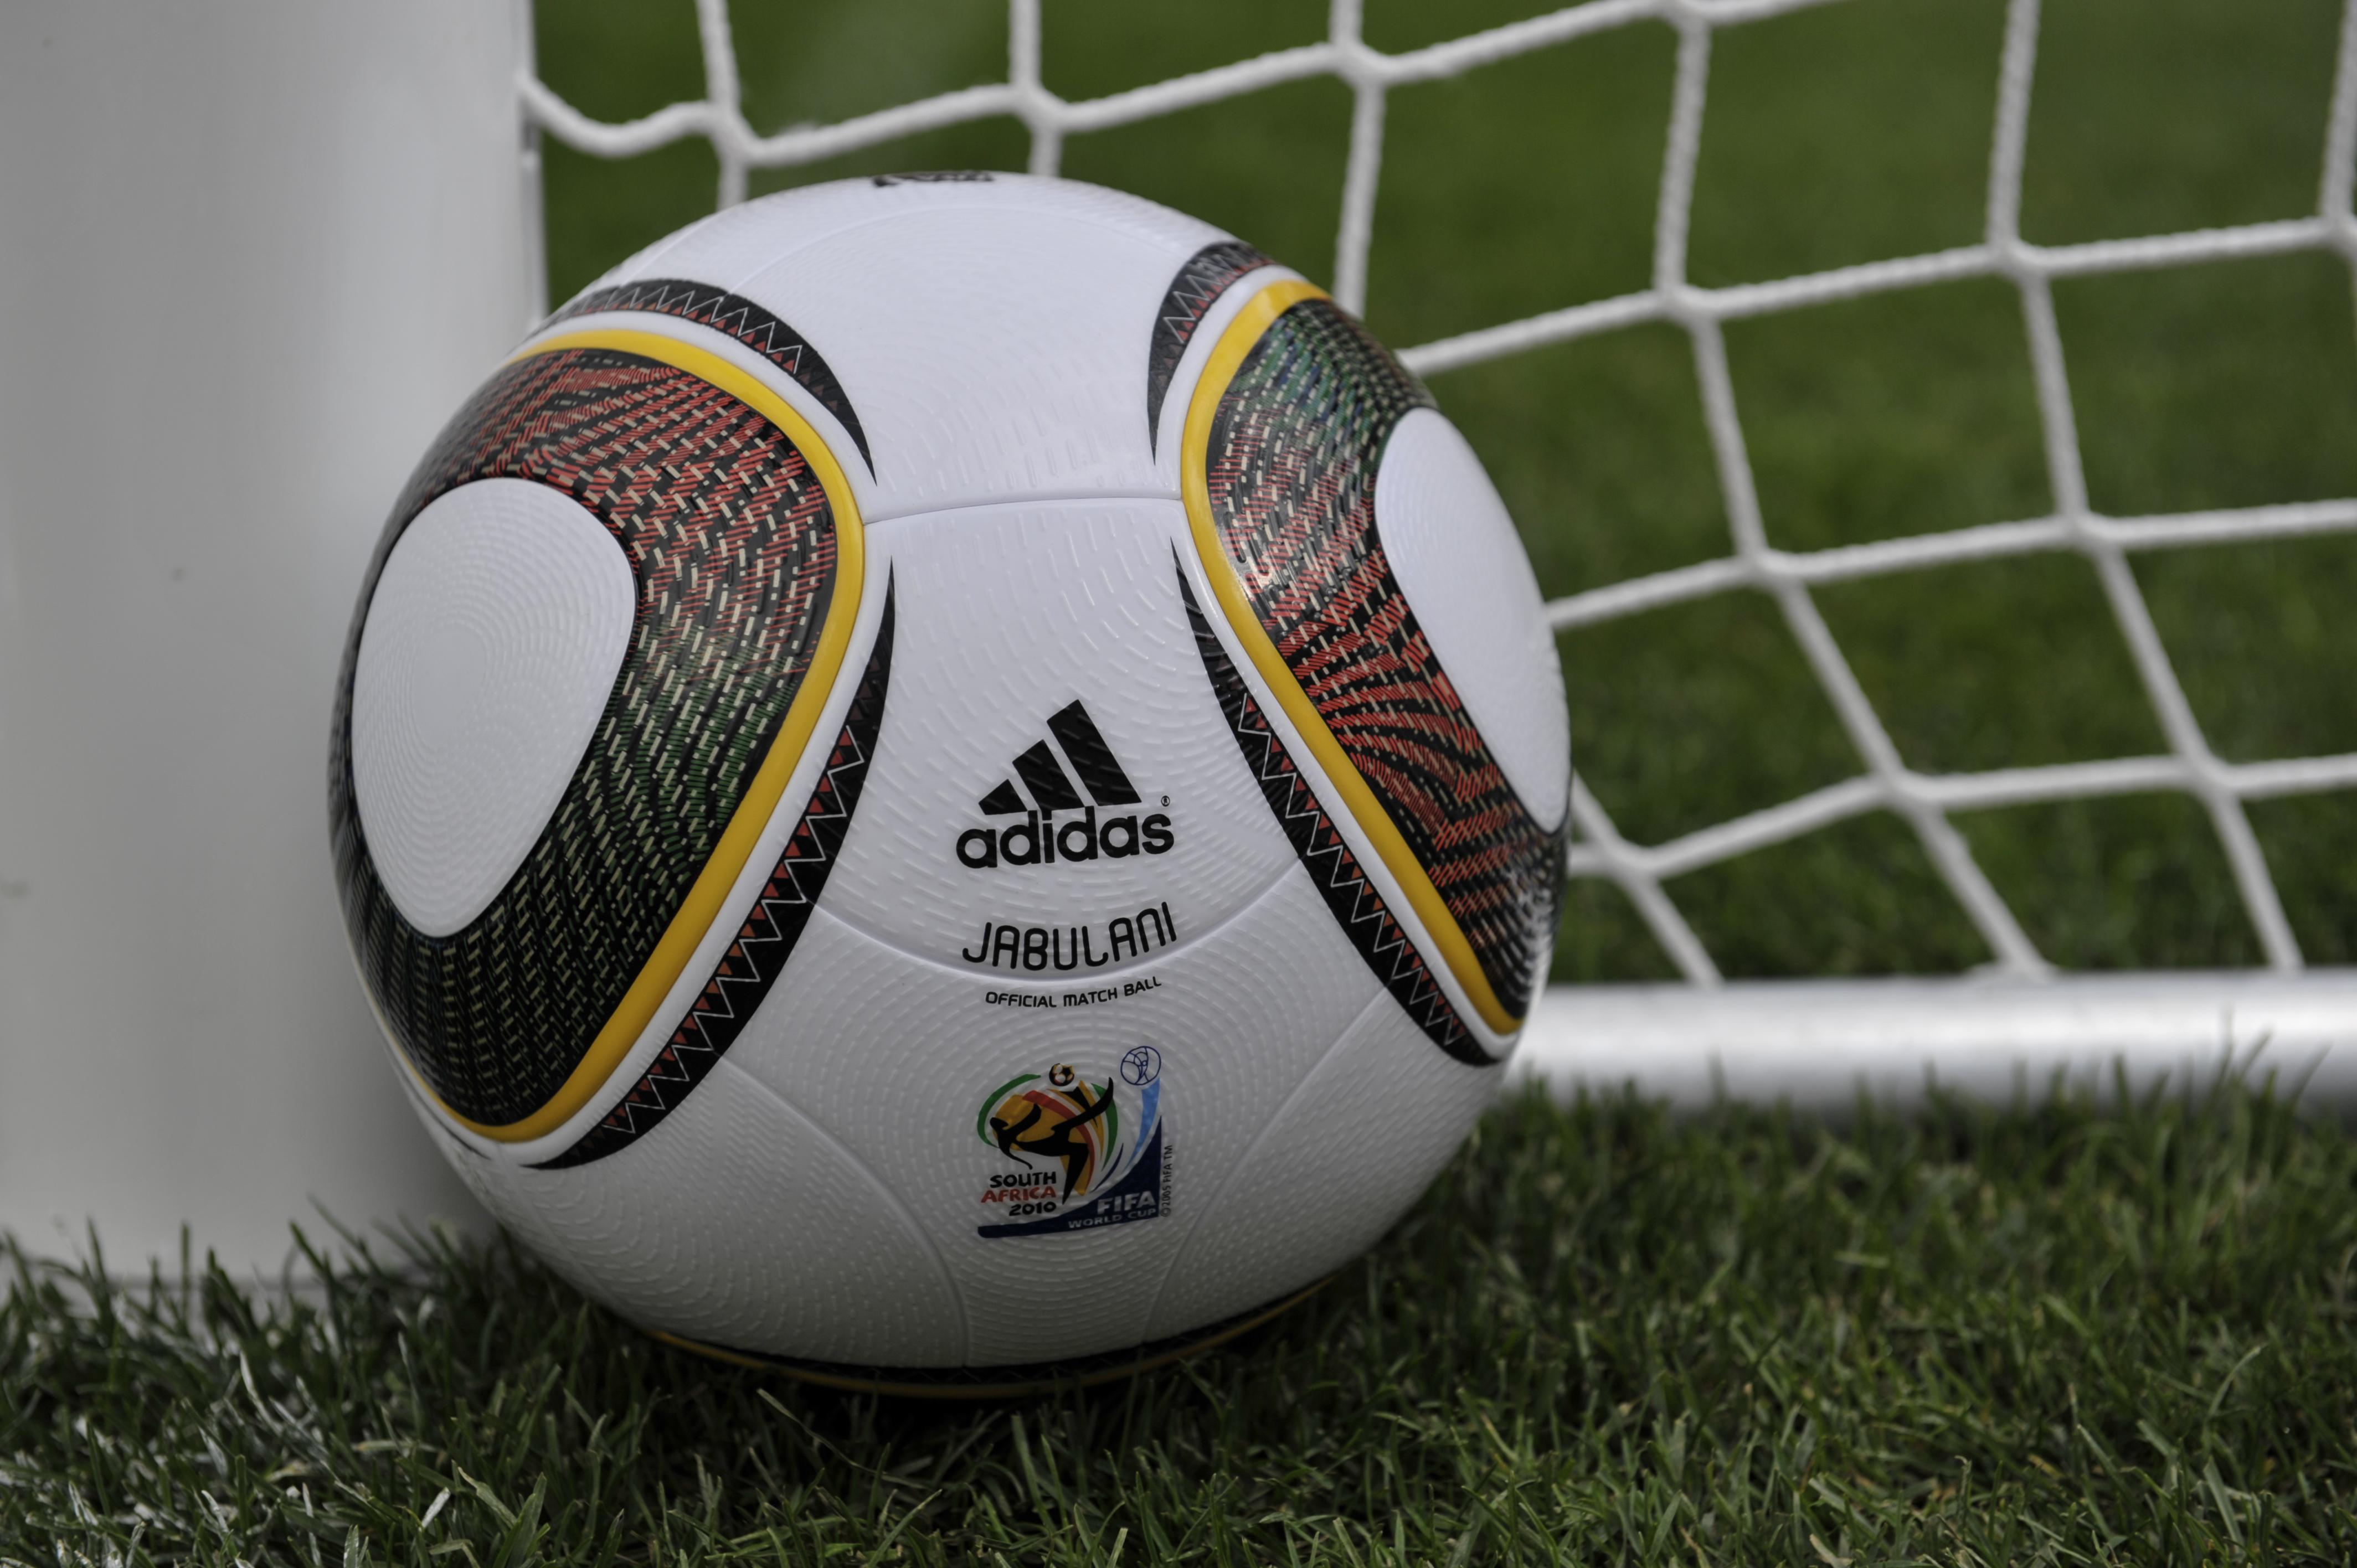 мяч спорт EURO 2016 adidas  № 3918590 загрузить